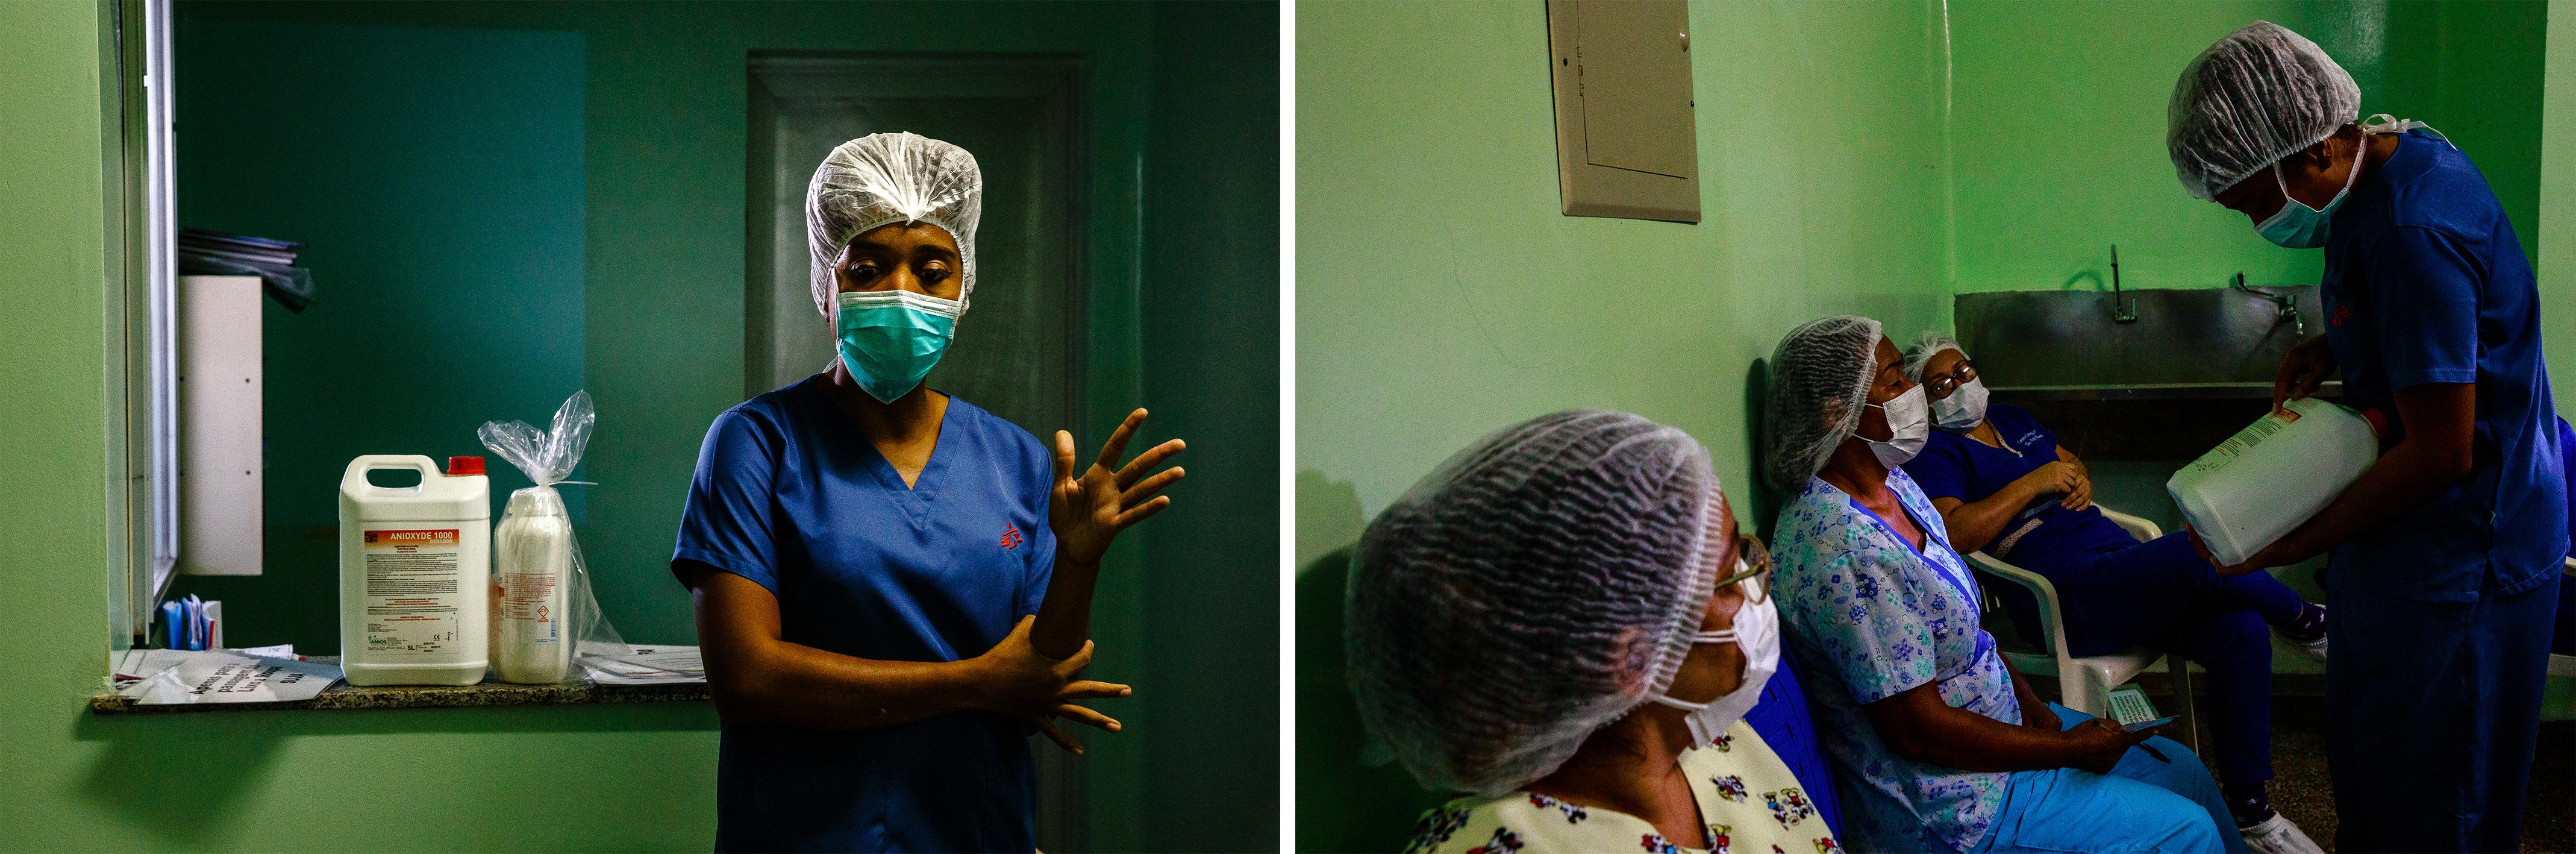 Rebecca Alethéia, infirmière MSF, dispense une formation sur le bon usage des équipements de protection individuelle et sur les procédures de désinfection du matériel, au personnel de l'hôpital régional de Tefé, État d'Amazonas, Brésil, juillet 2020. © Diego Baravelli/MSF